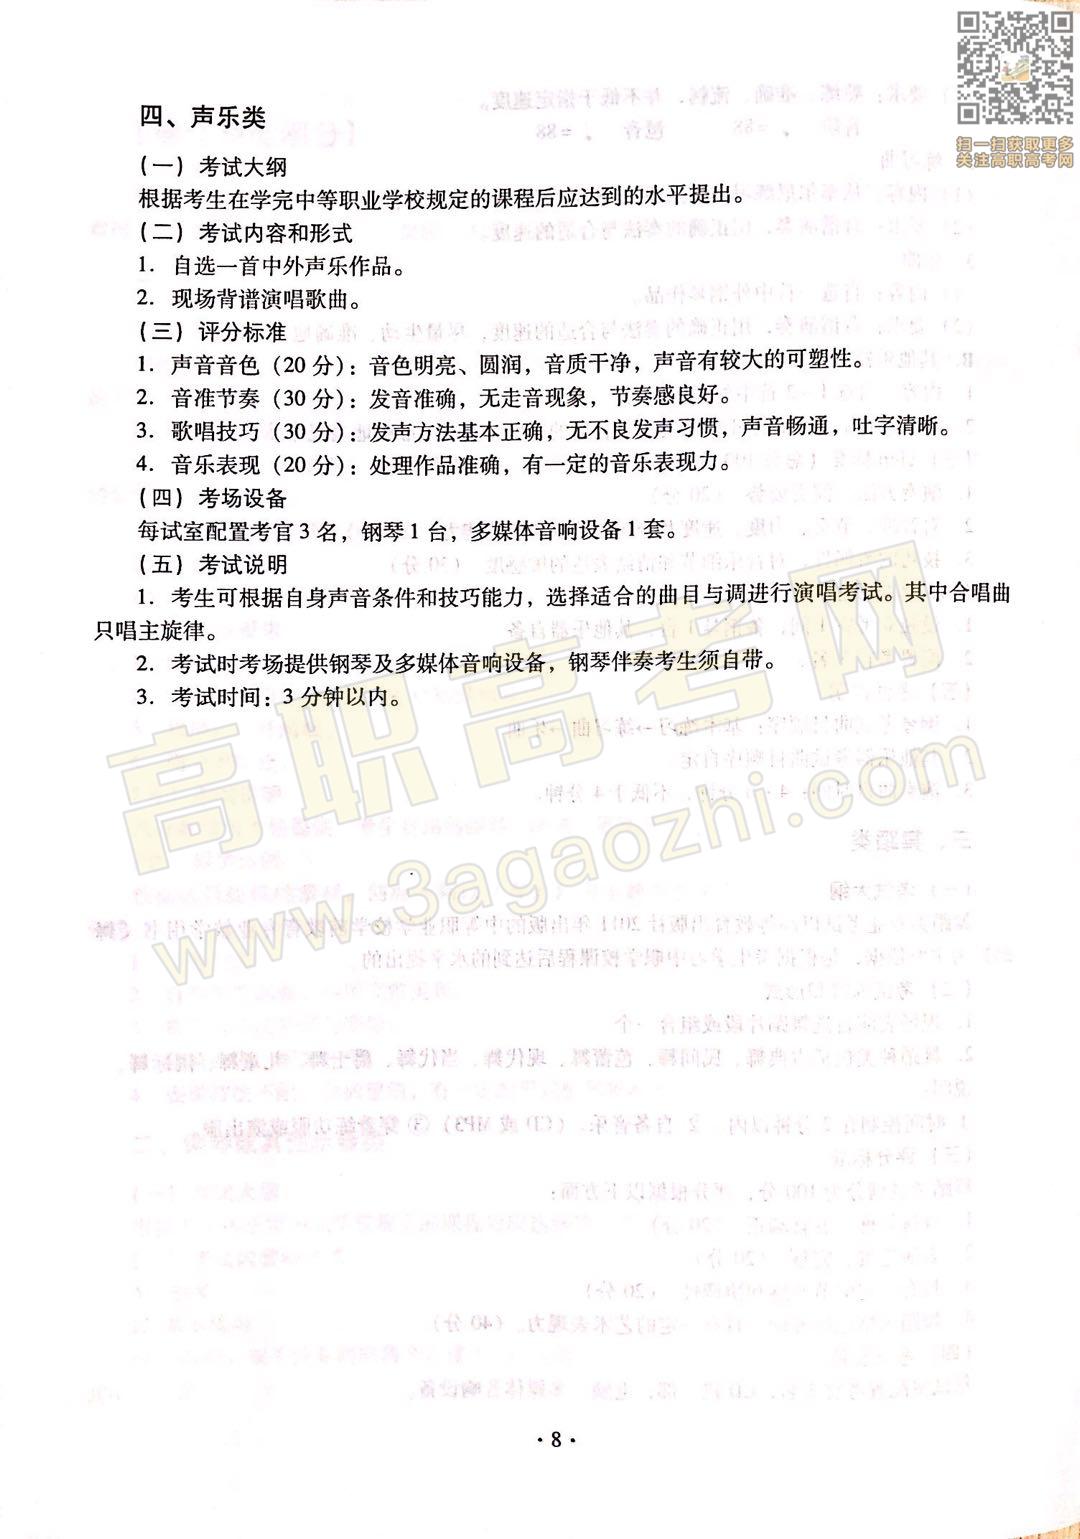 教育基础综合证书,2020年广东中职技能课程考试大纲及样题